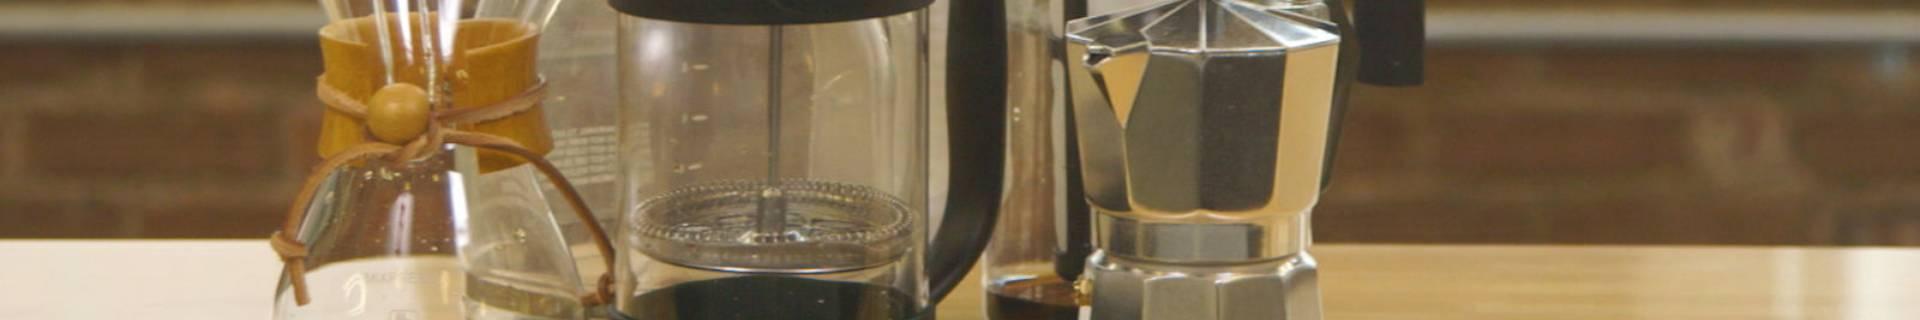 Accesorios de Café - ECOLECTIA